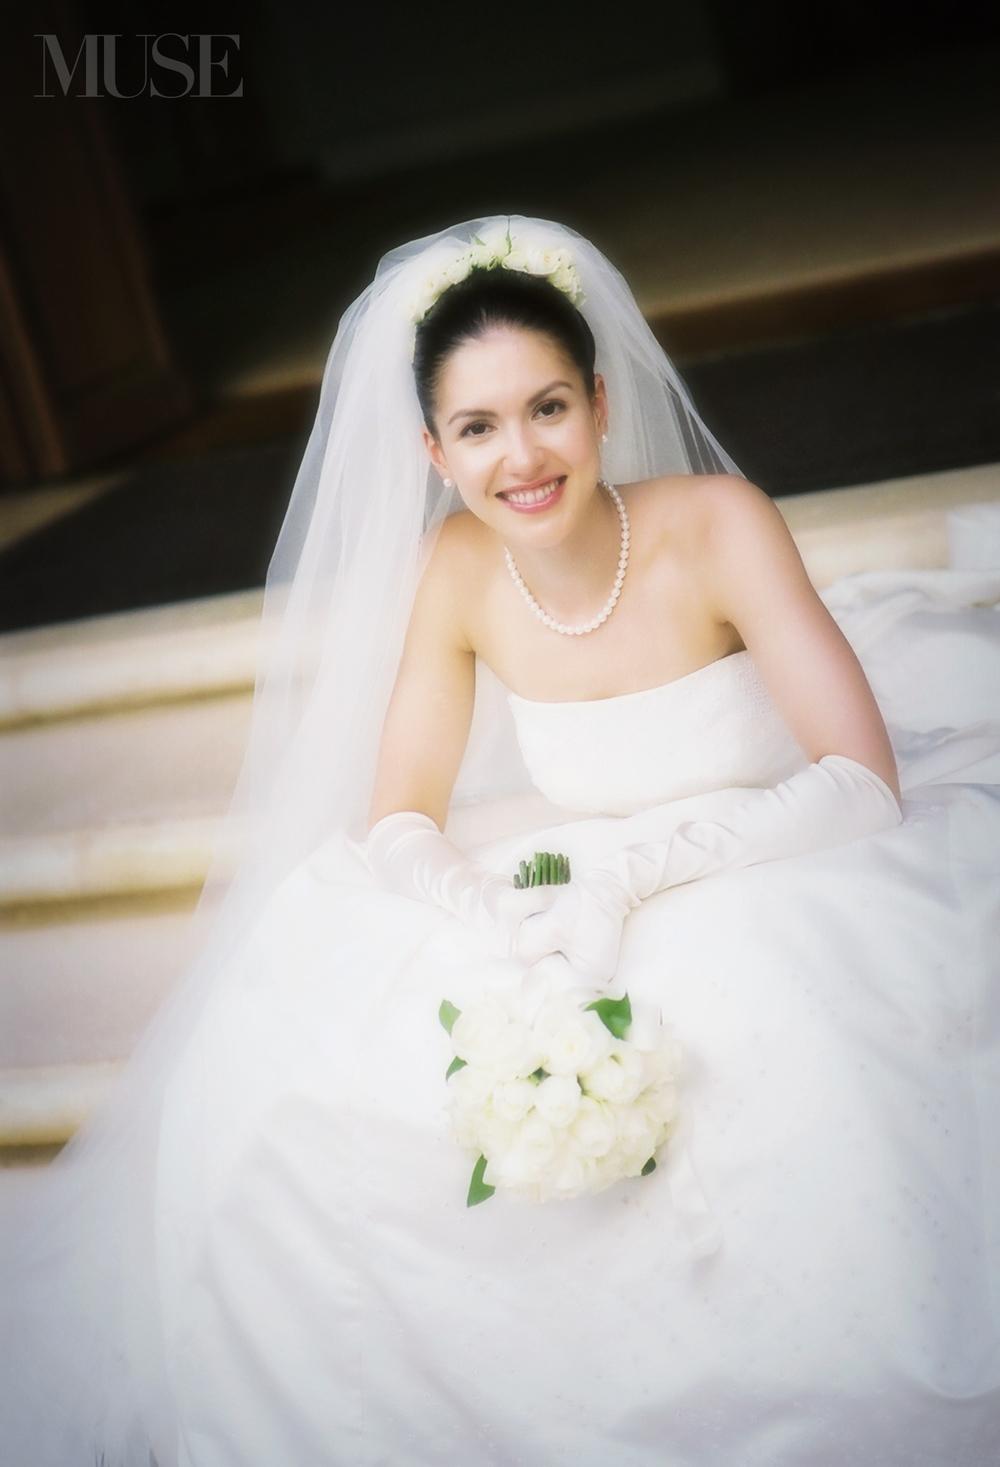 MUSE Bride - Halekulani Hotel Wedding